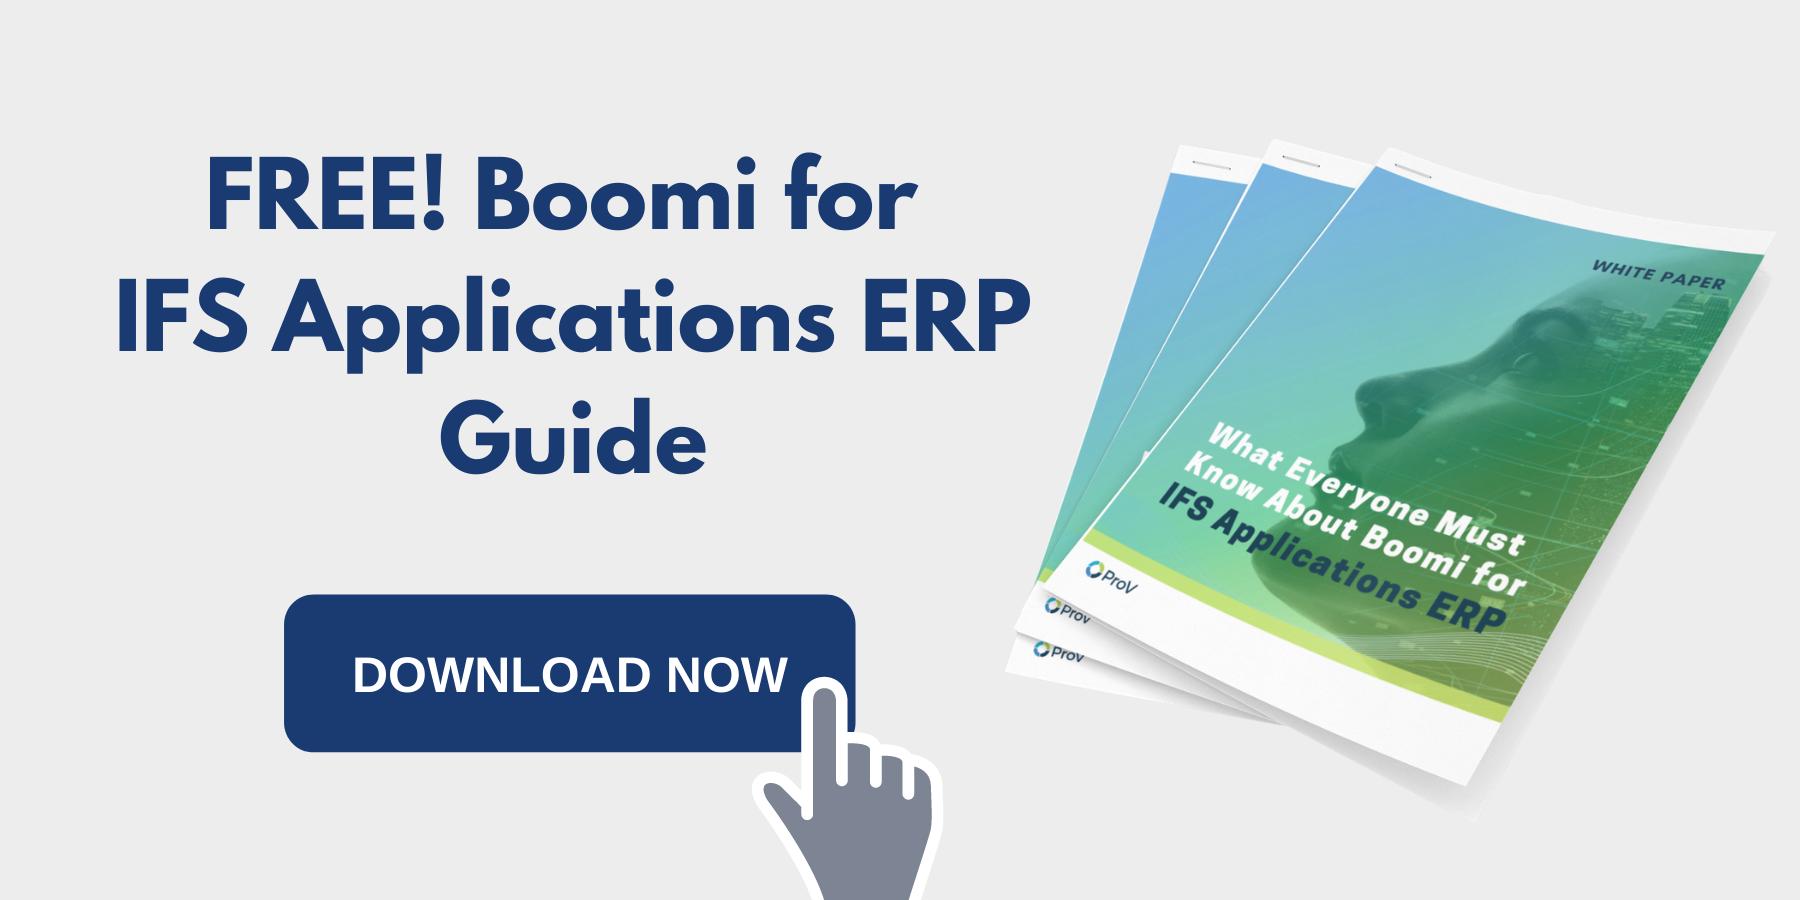 cloud computing - dell boomi - data integration tools - ifs applications erp